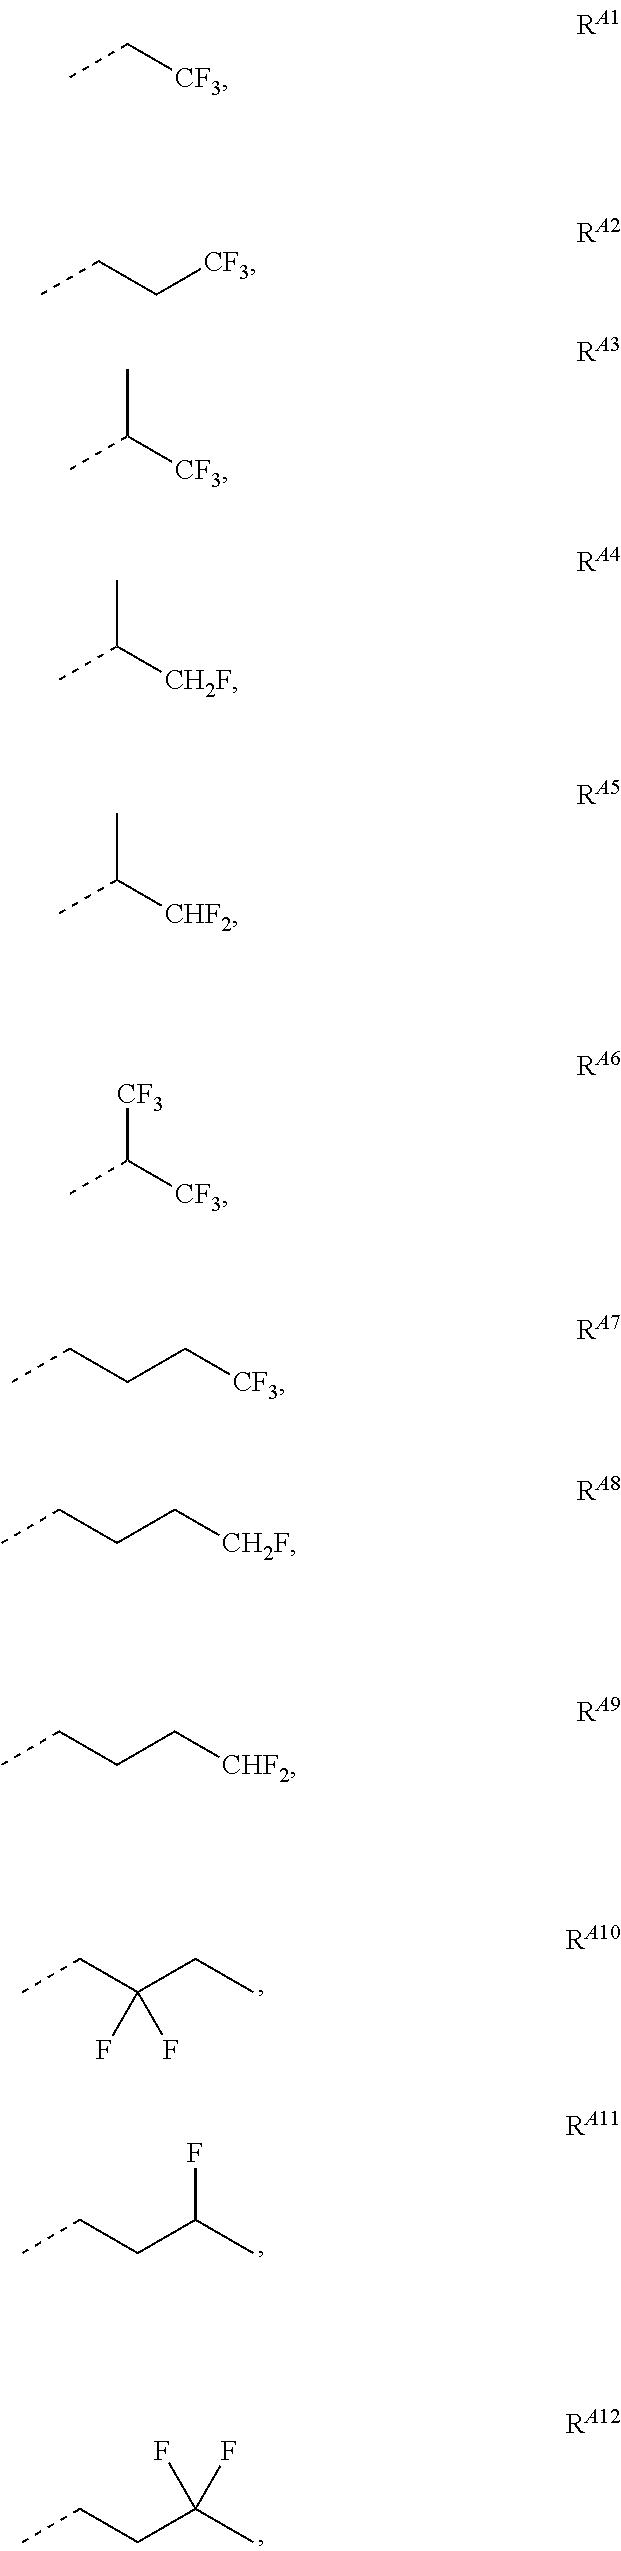 Figure US09859510-20180102-C00136